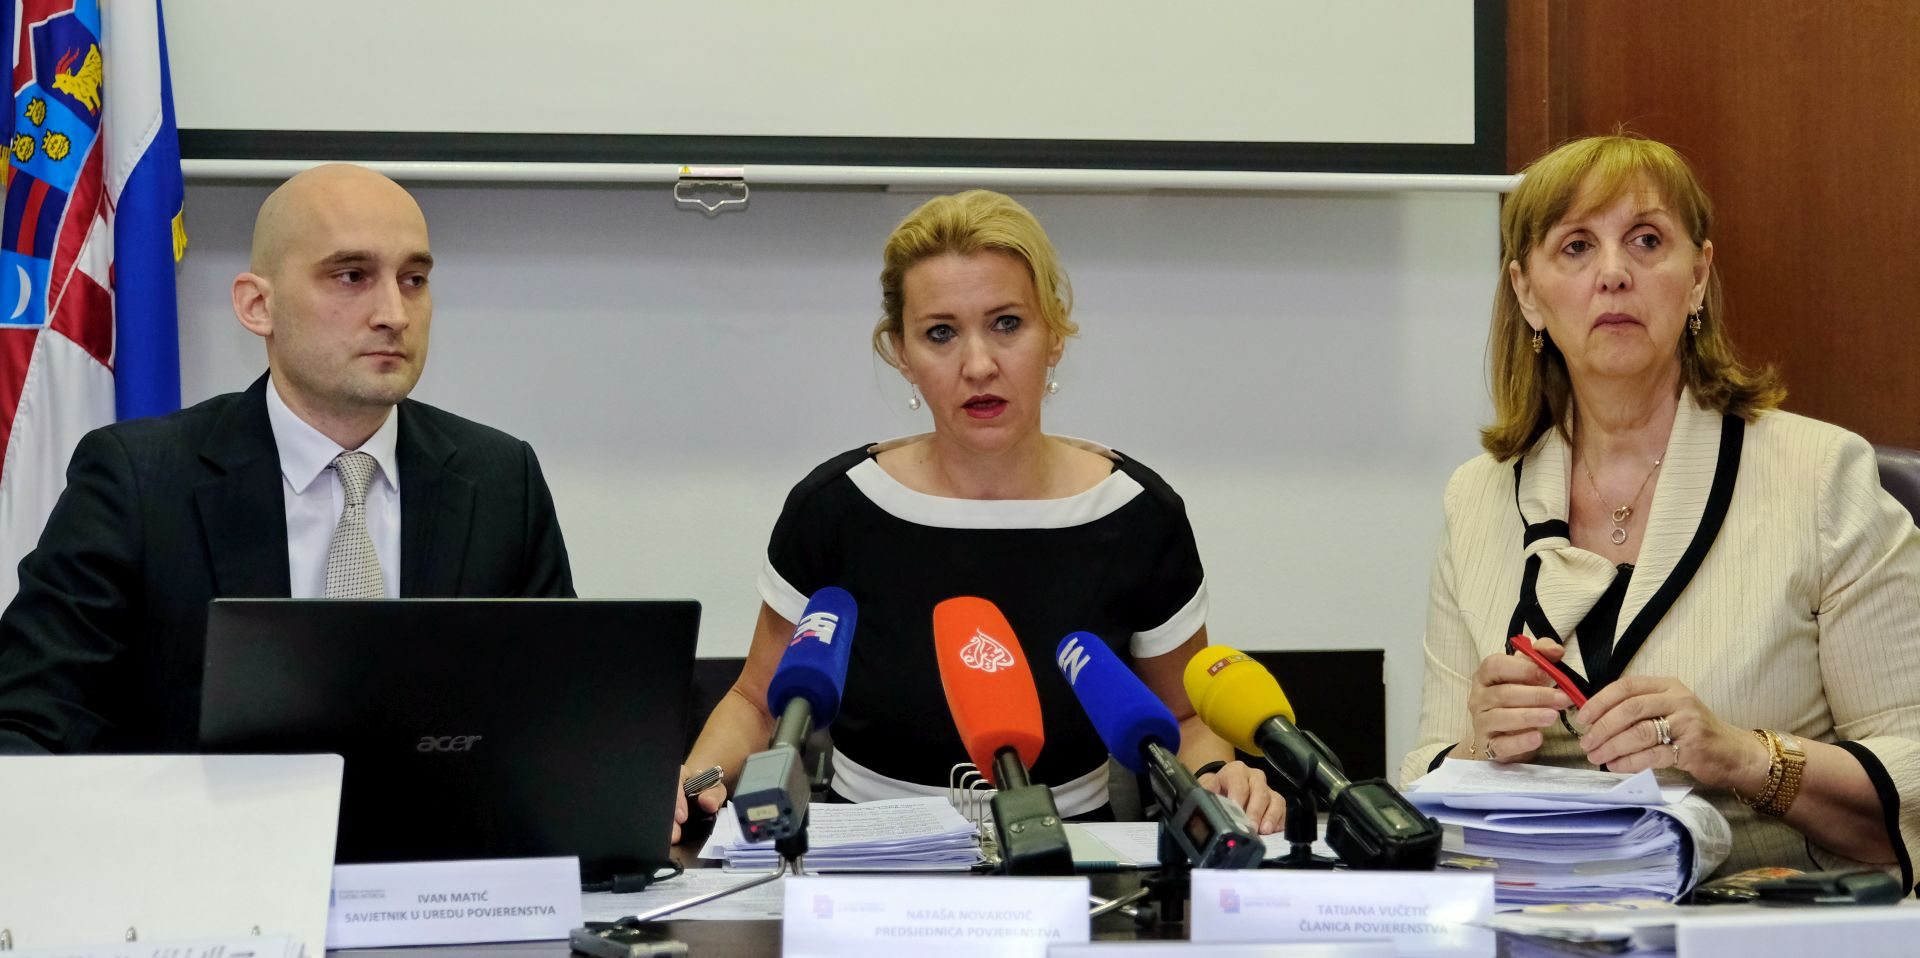 Bandić ovršuje Povjerenstvo za odlučivanje o sukobu interesa?